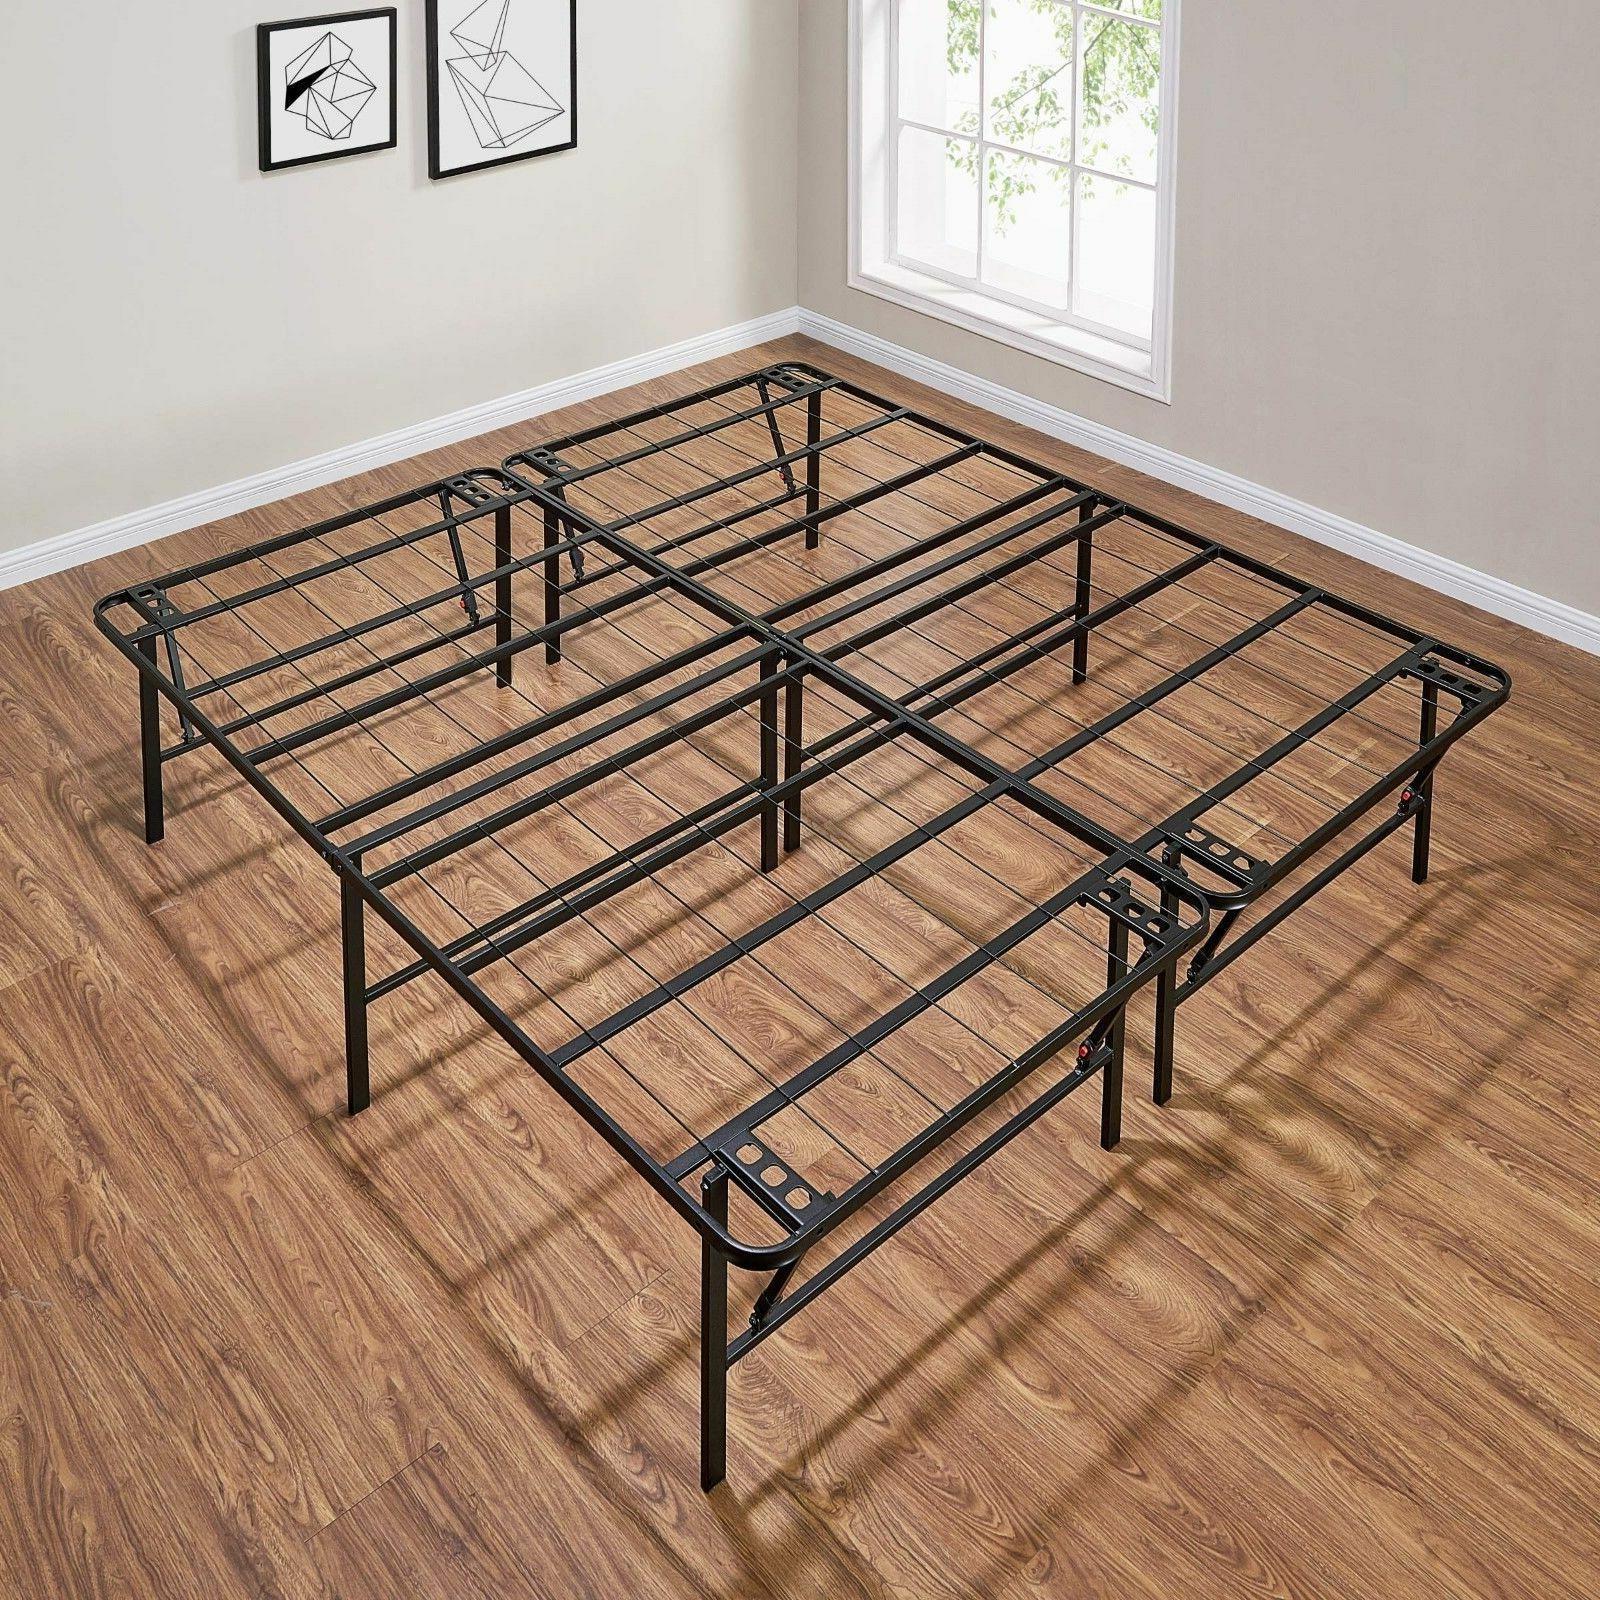 Platform King Size Bed Frame 18 Inch Foundation Metal Steel